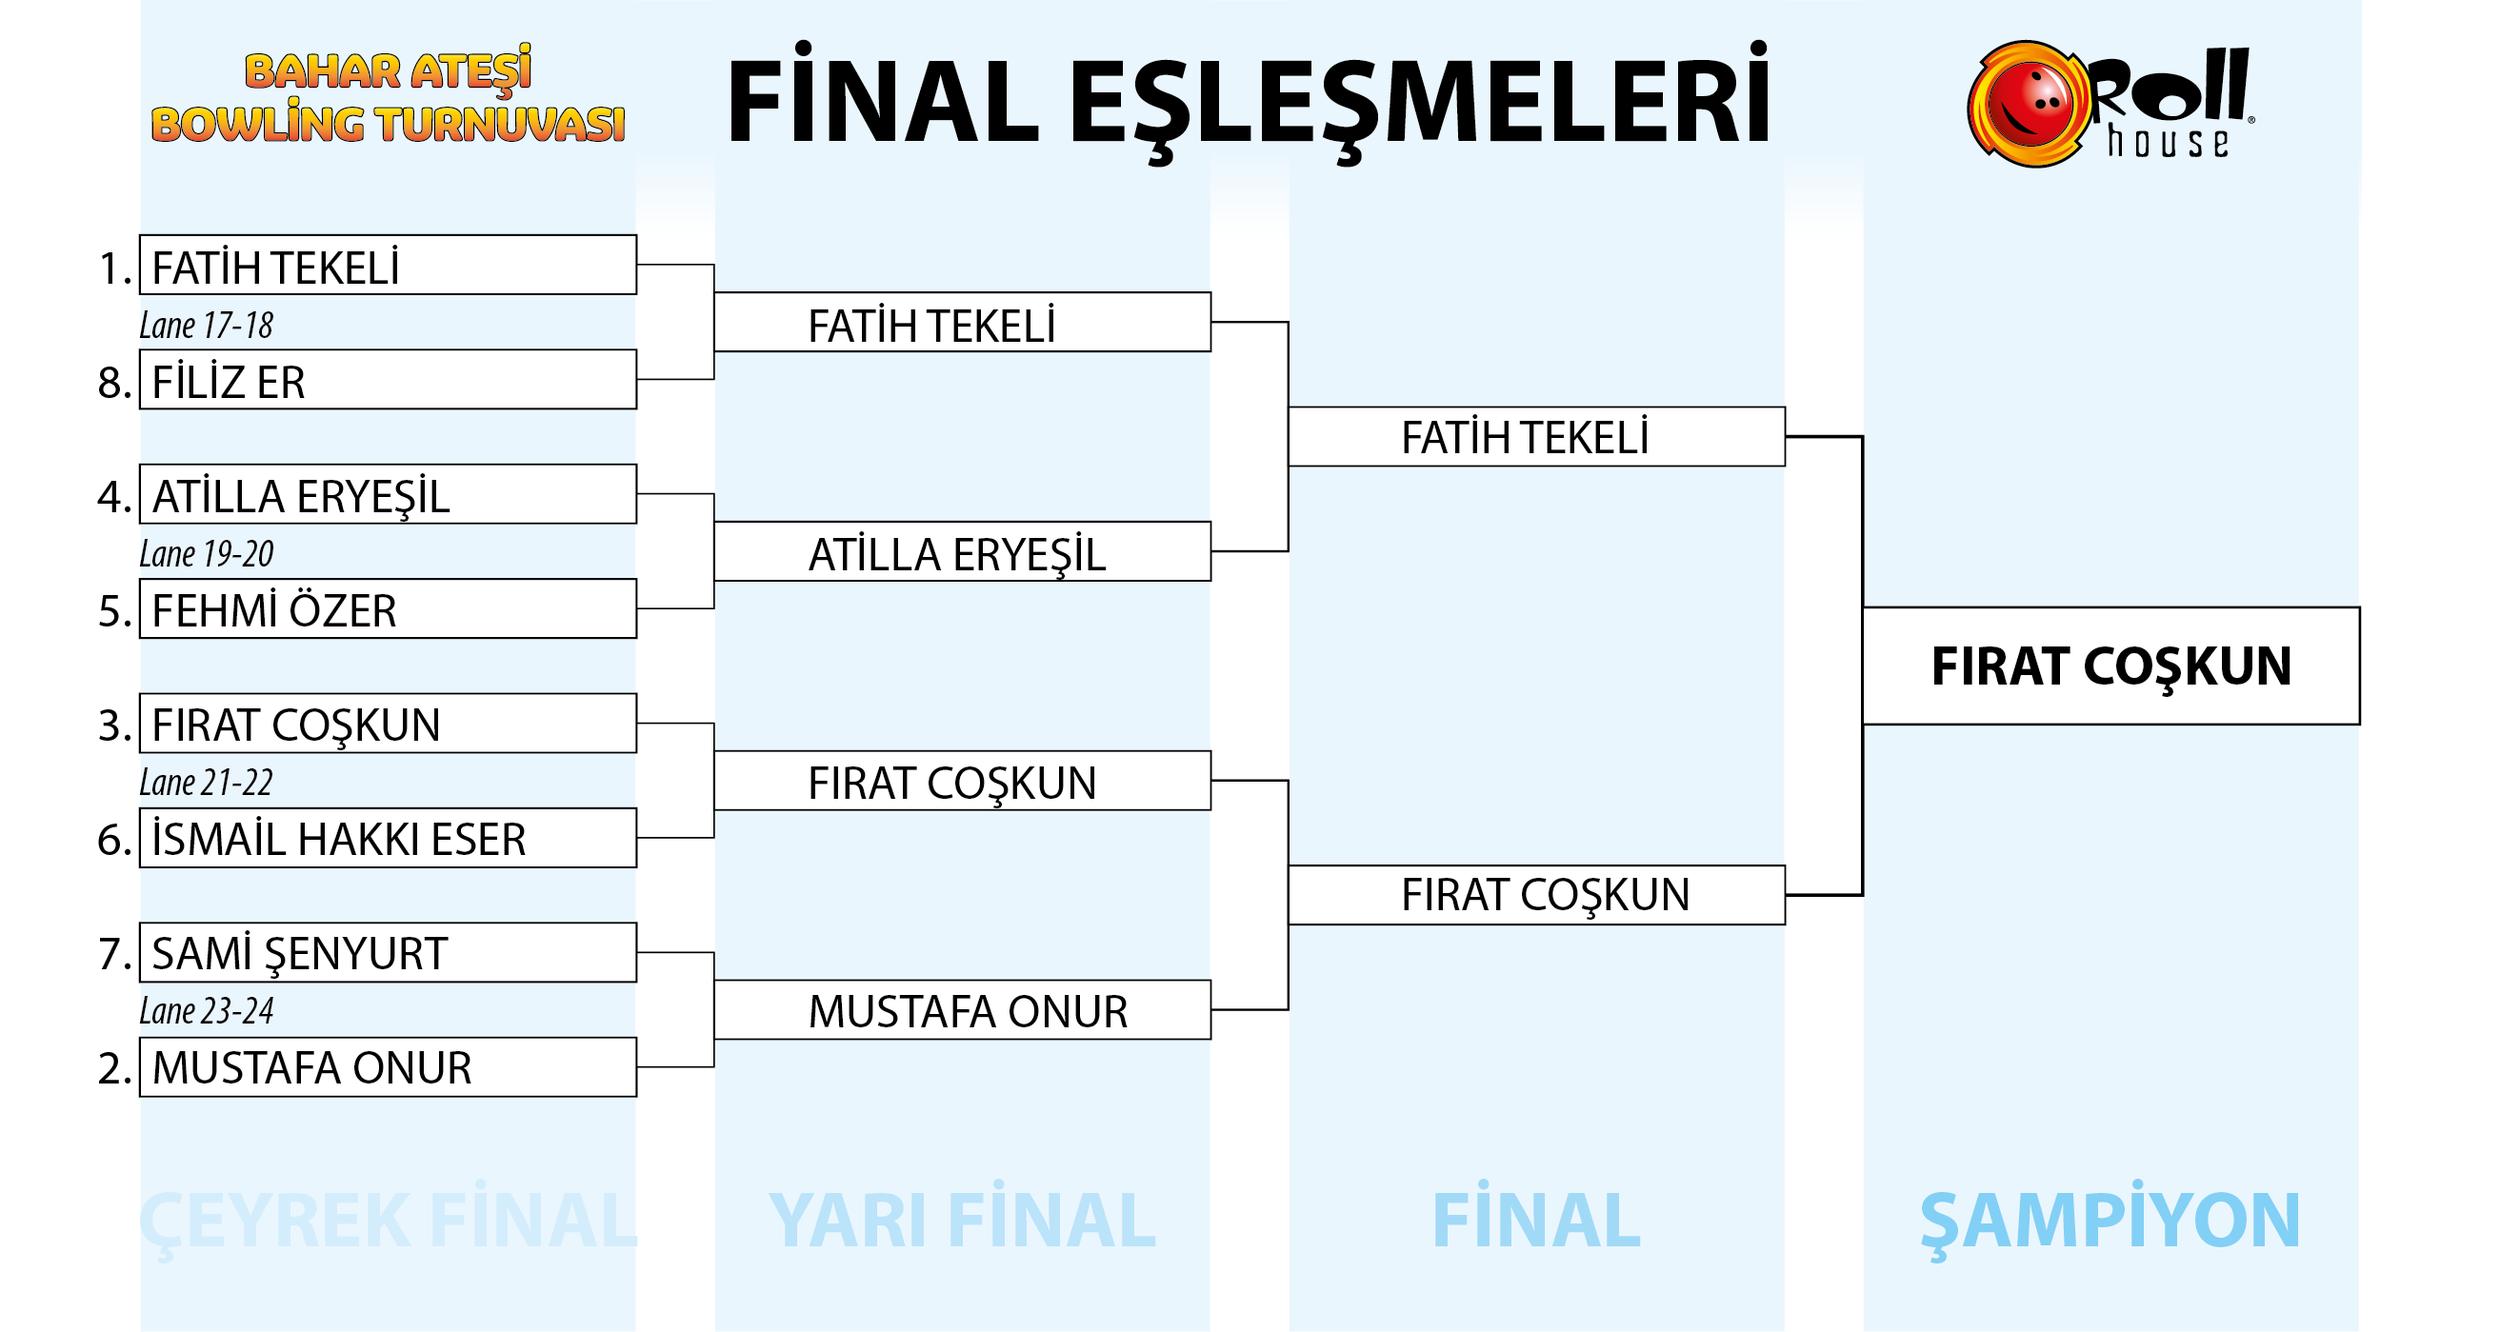 Şampiyon Fırat Coşkun'u tebrik eder, tüm katılımcılarımıza turnuvamızı renkendirdikleri için teşekkür ederiz! Bir sonraki turnuvada görüşmek dileğiyle.